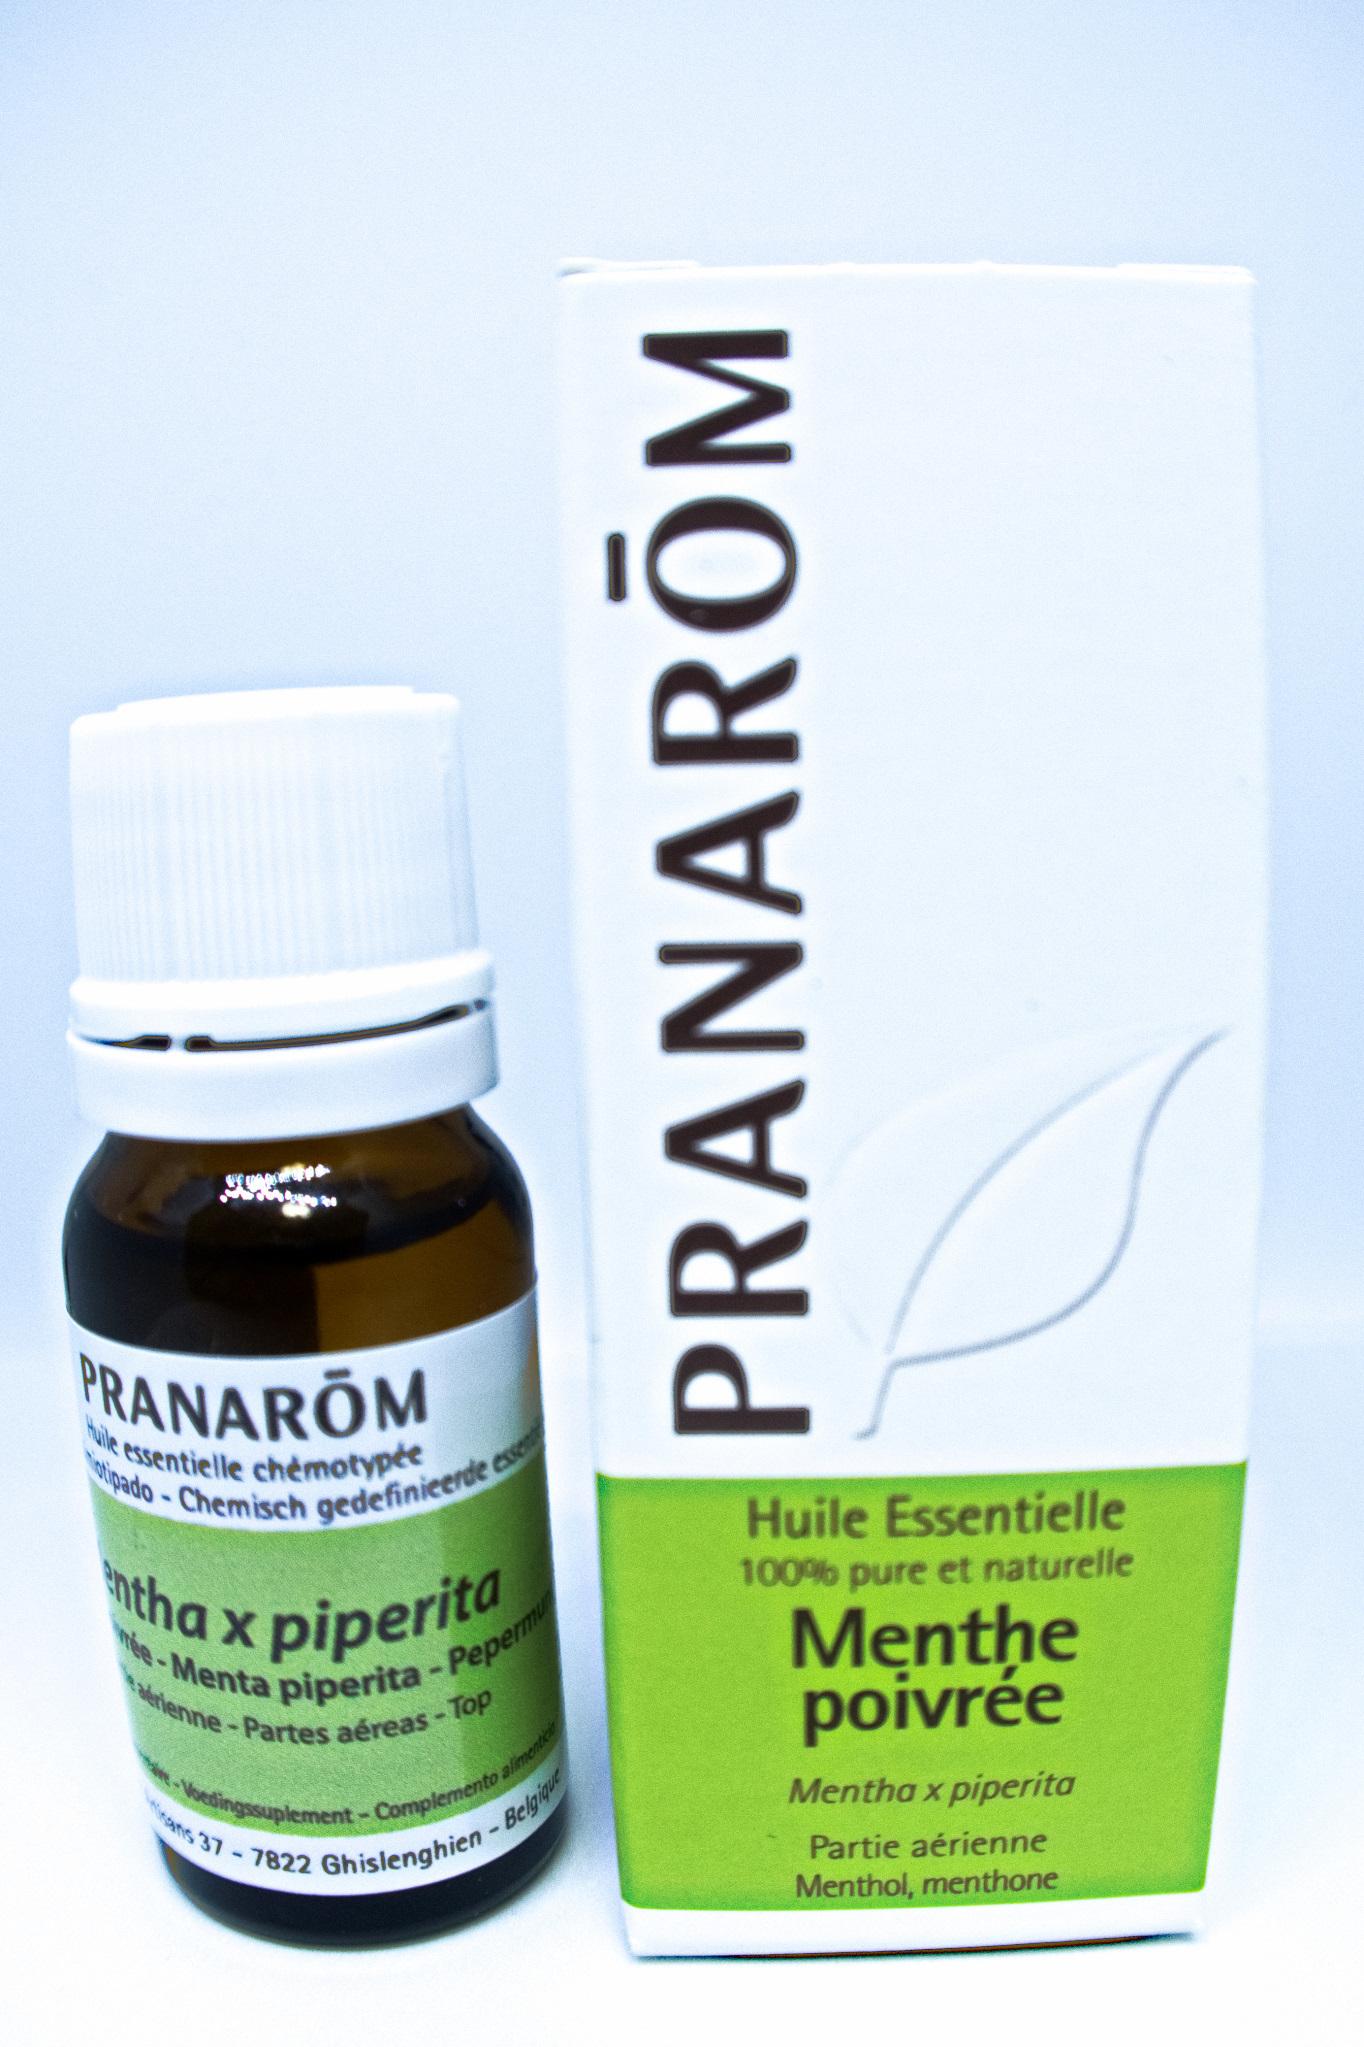 プラナロム ペパーミント 10ml (PRANAROM Menthe poivree)